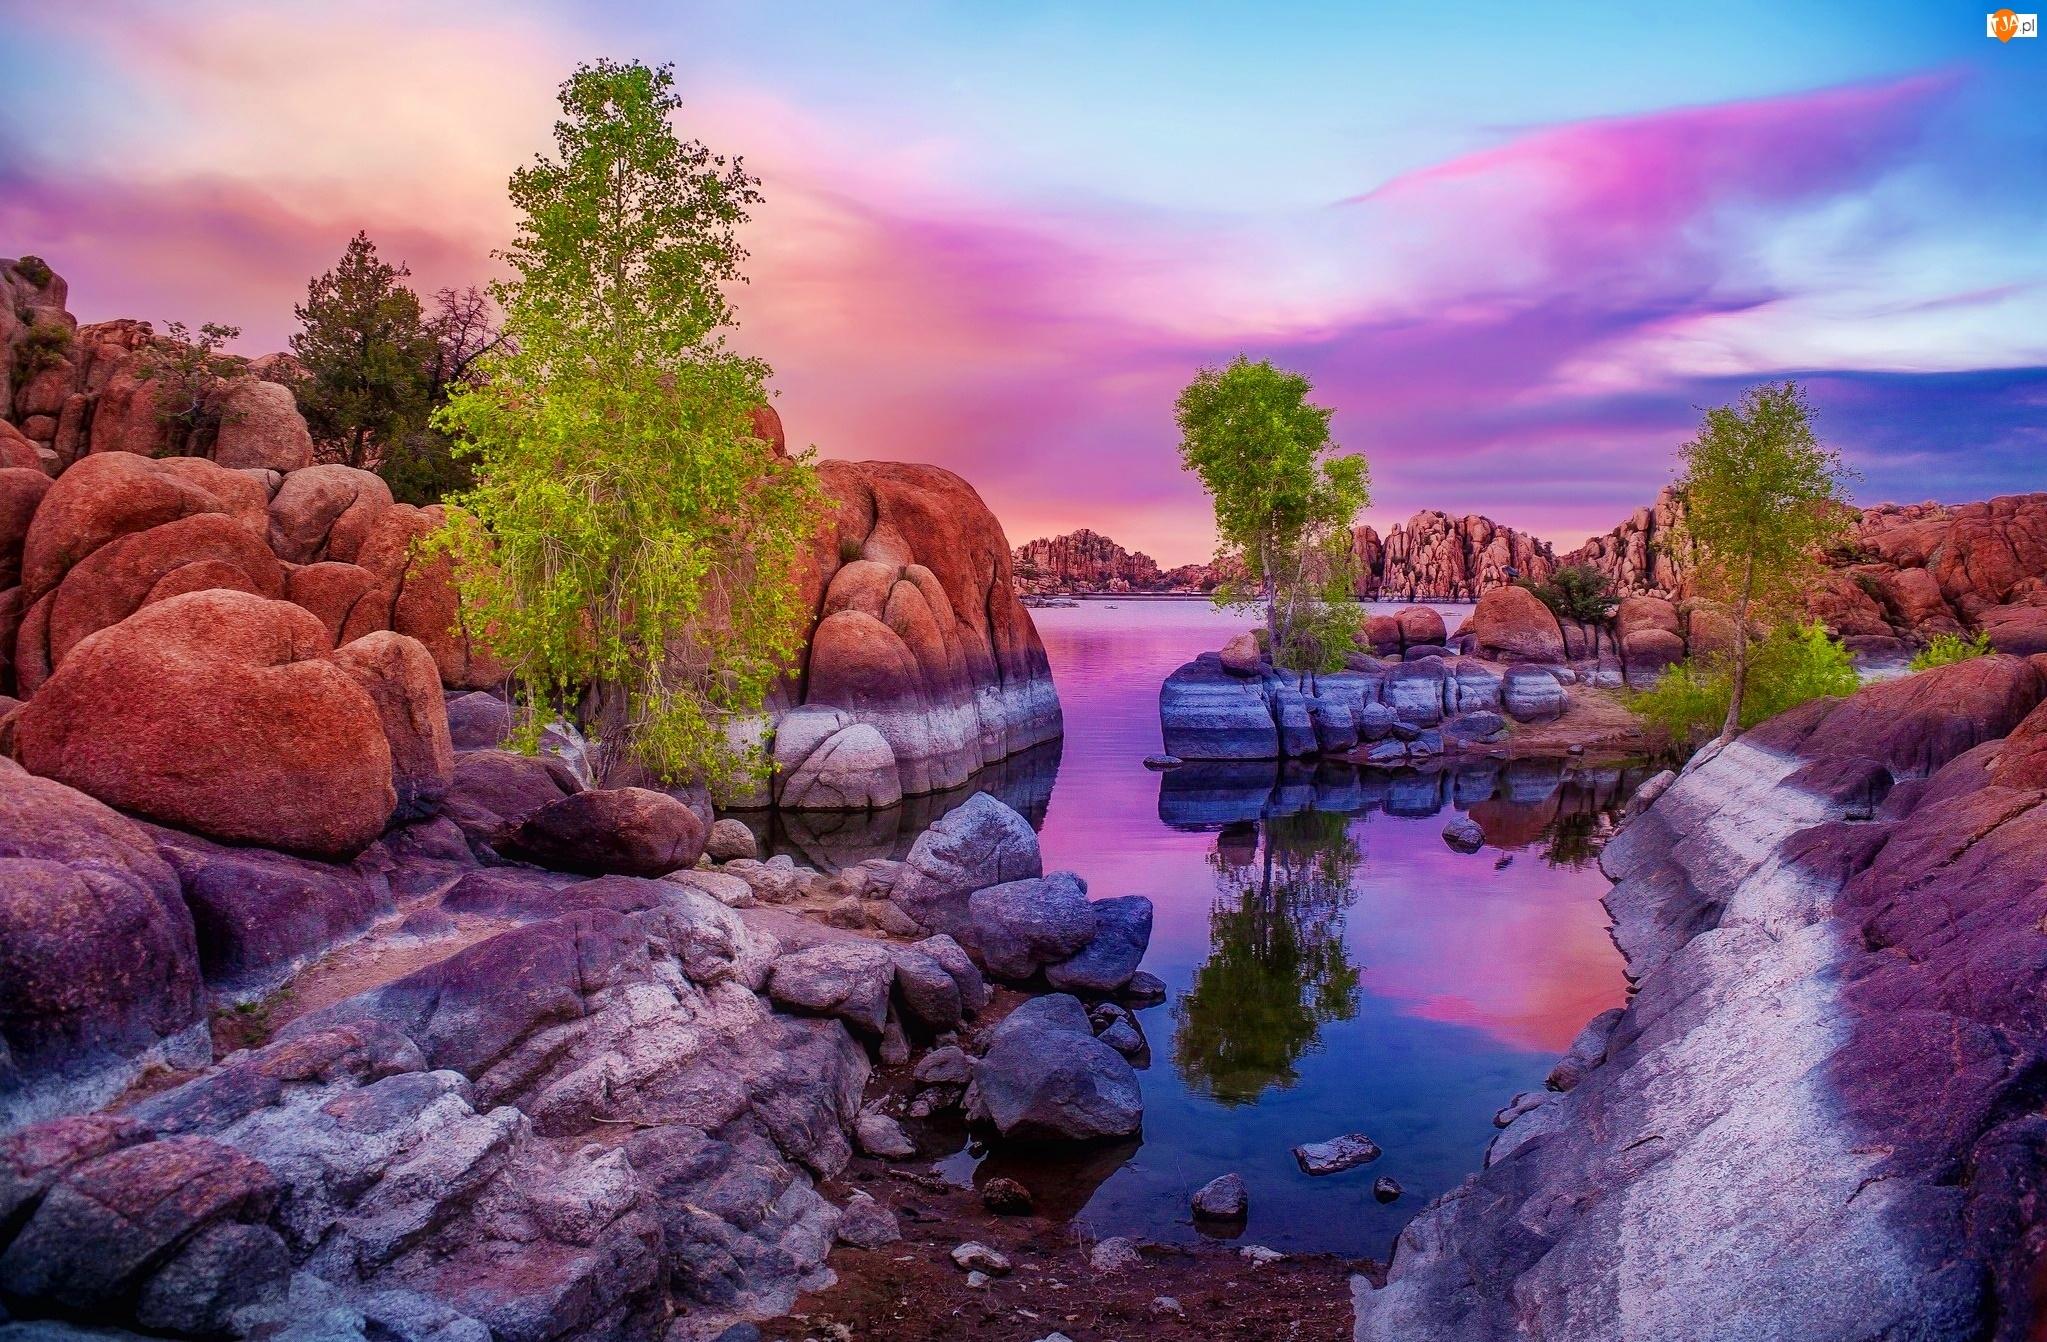 Rzeka, Wiosna, Głazy, Drzewa